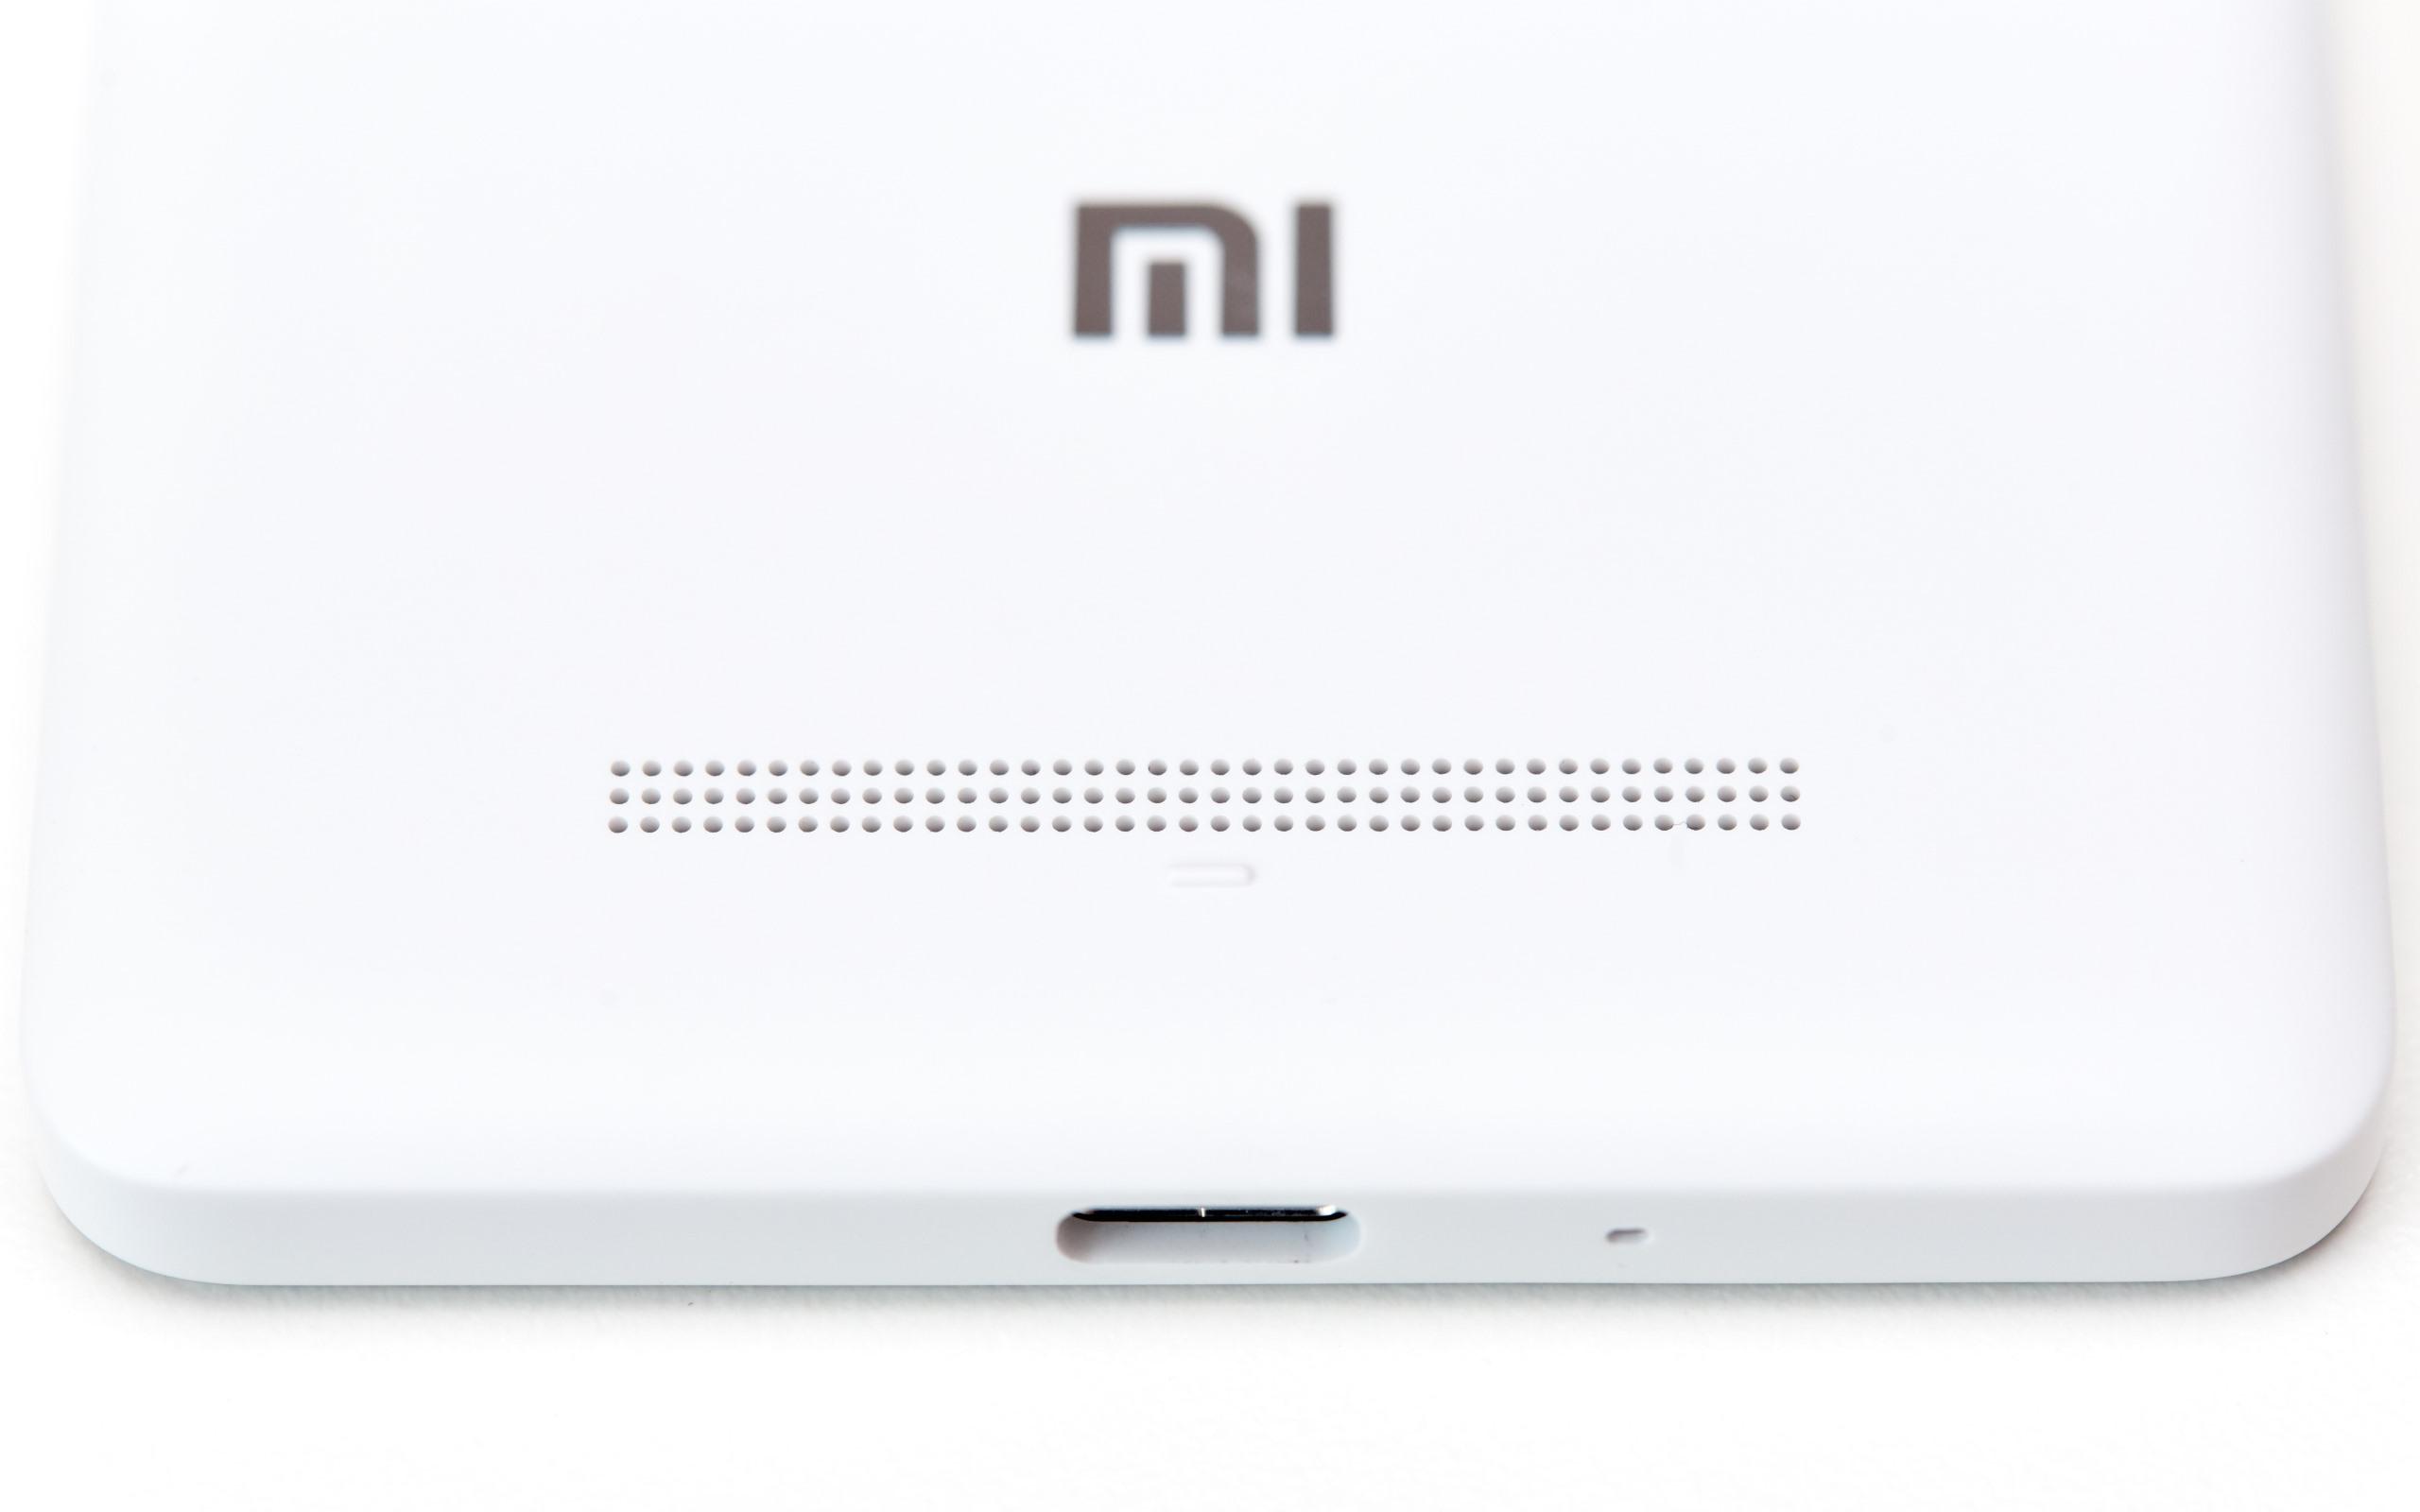 Xiaomi Mi 4c Gnstiges Smartphone Mit Usb Type C Im Test 3gb 32gb White Auf Der Rckseite Vom Finden Wir Den Lautsprecher Vor